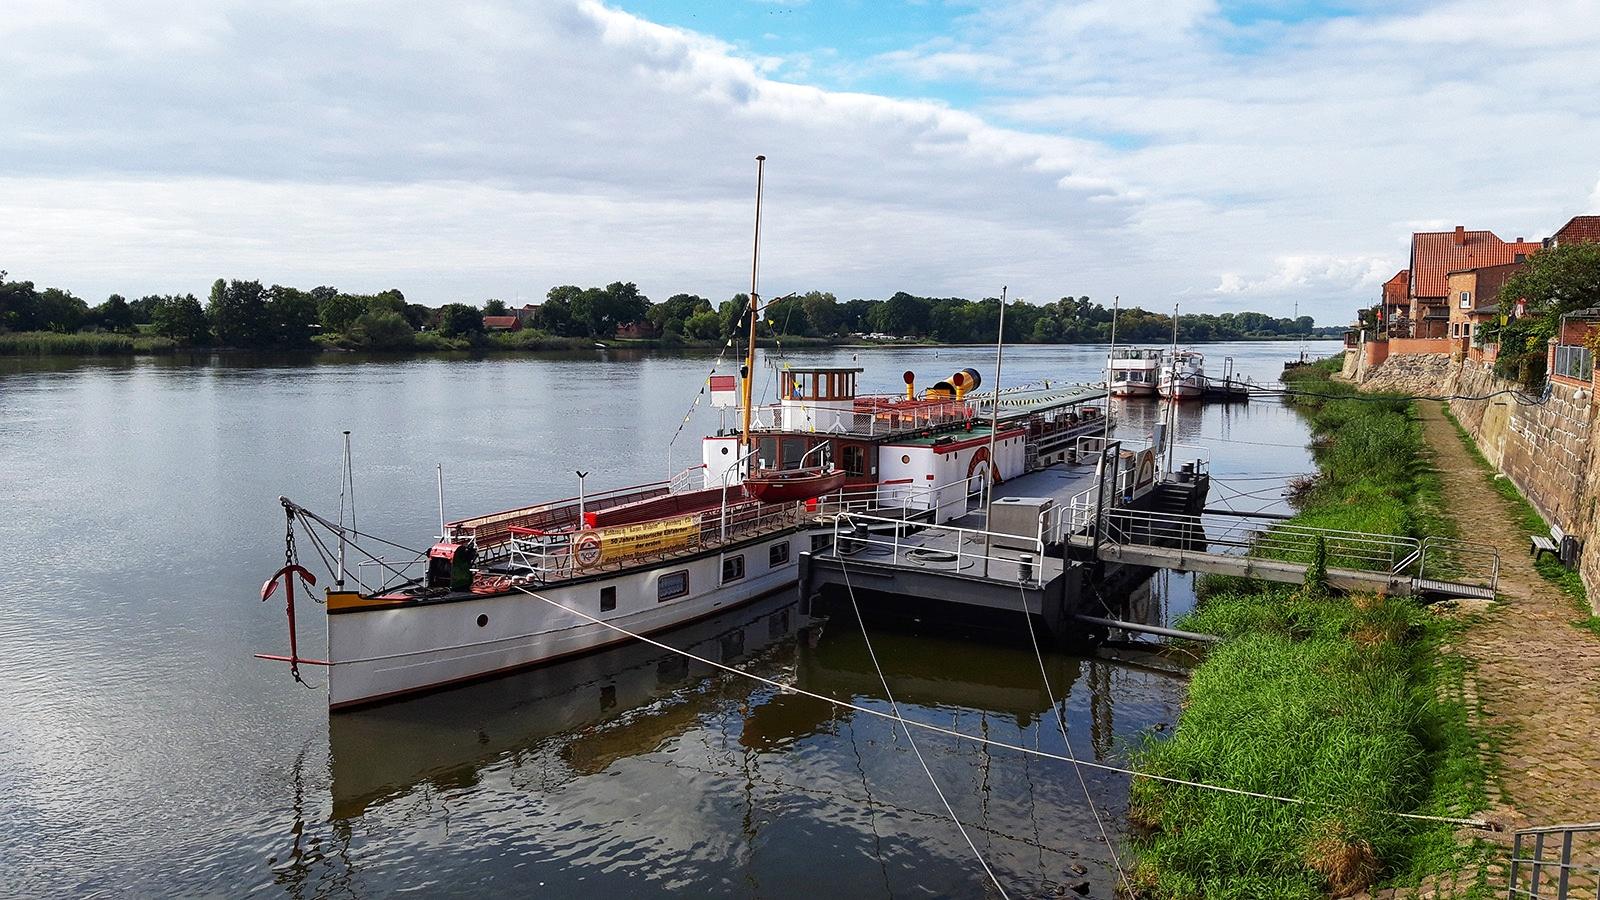 Raddampfer vor der Promenade in Lauenburg/ Elbe